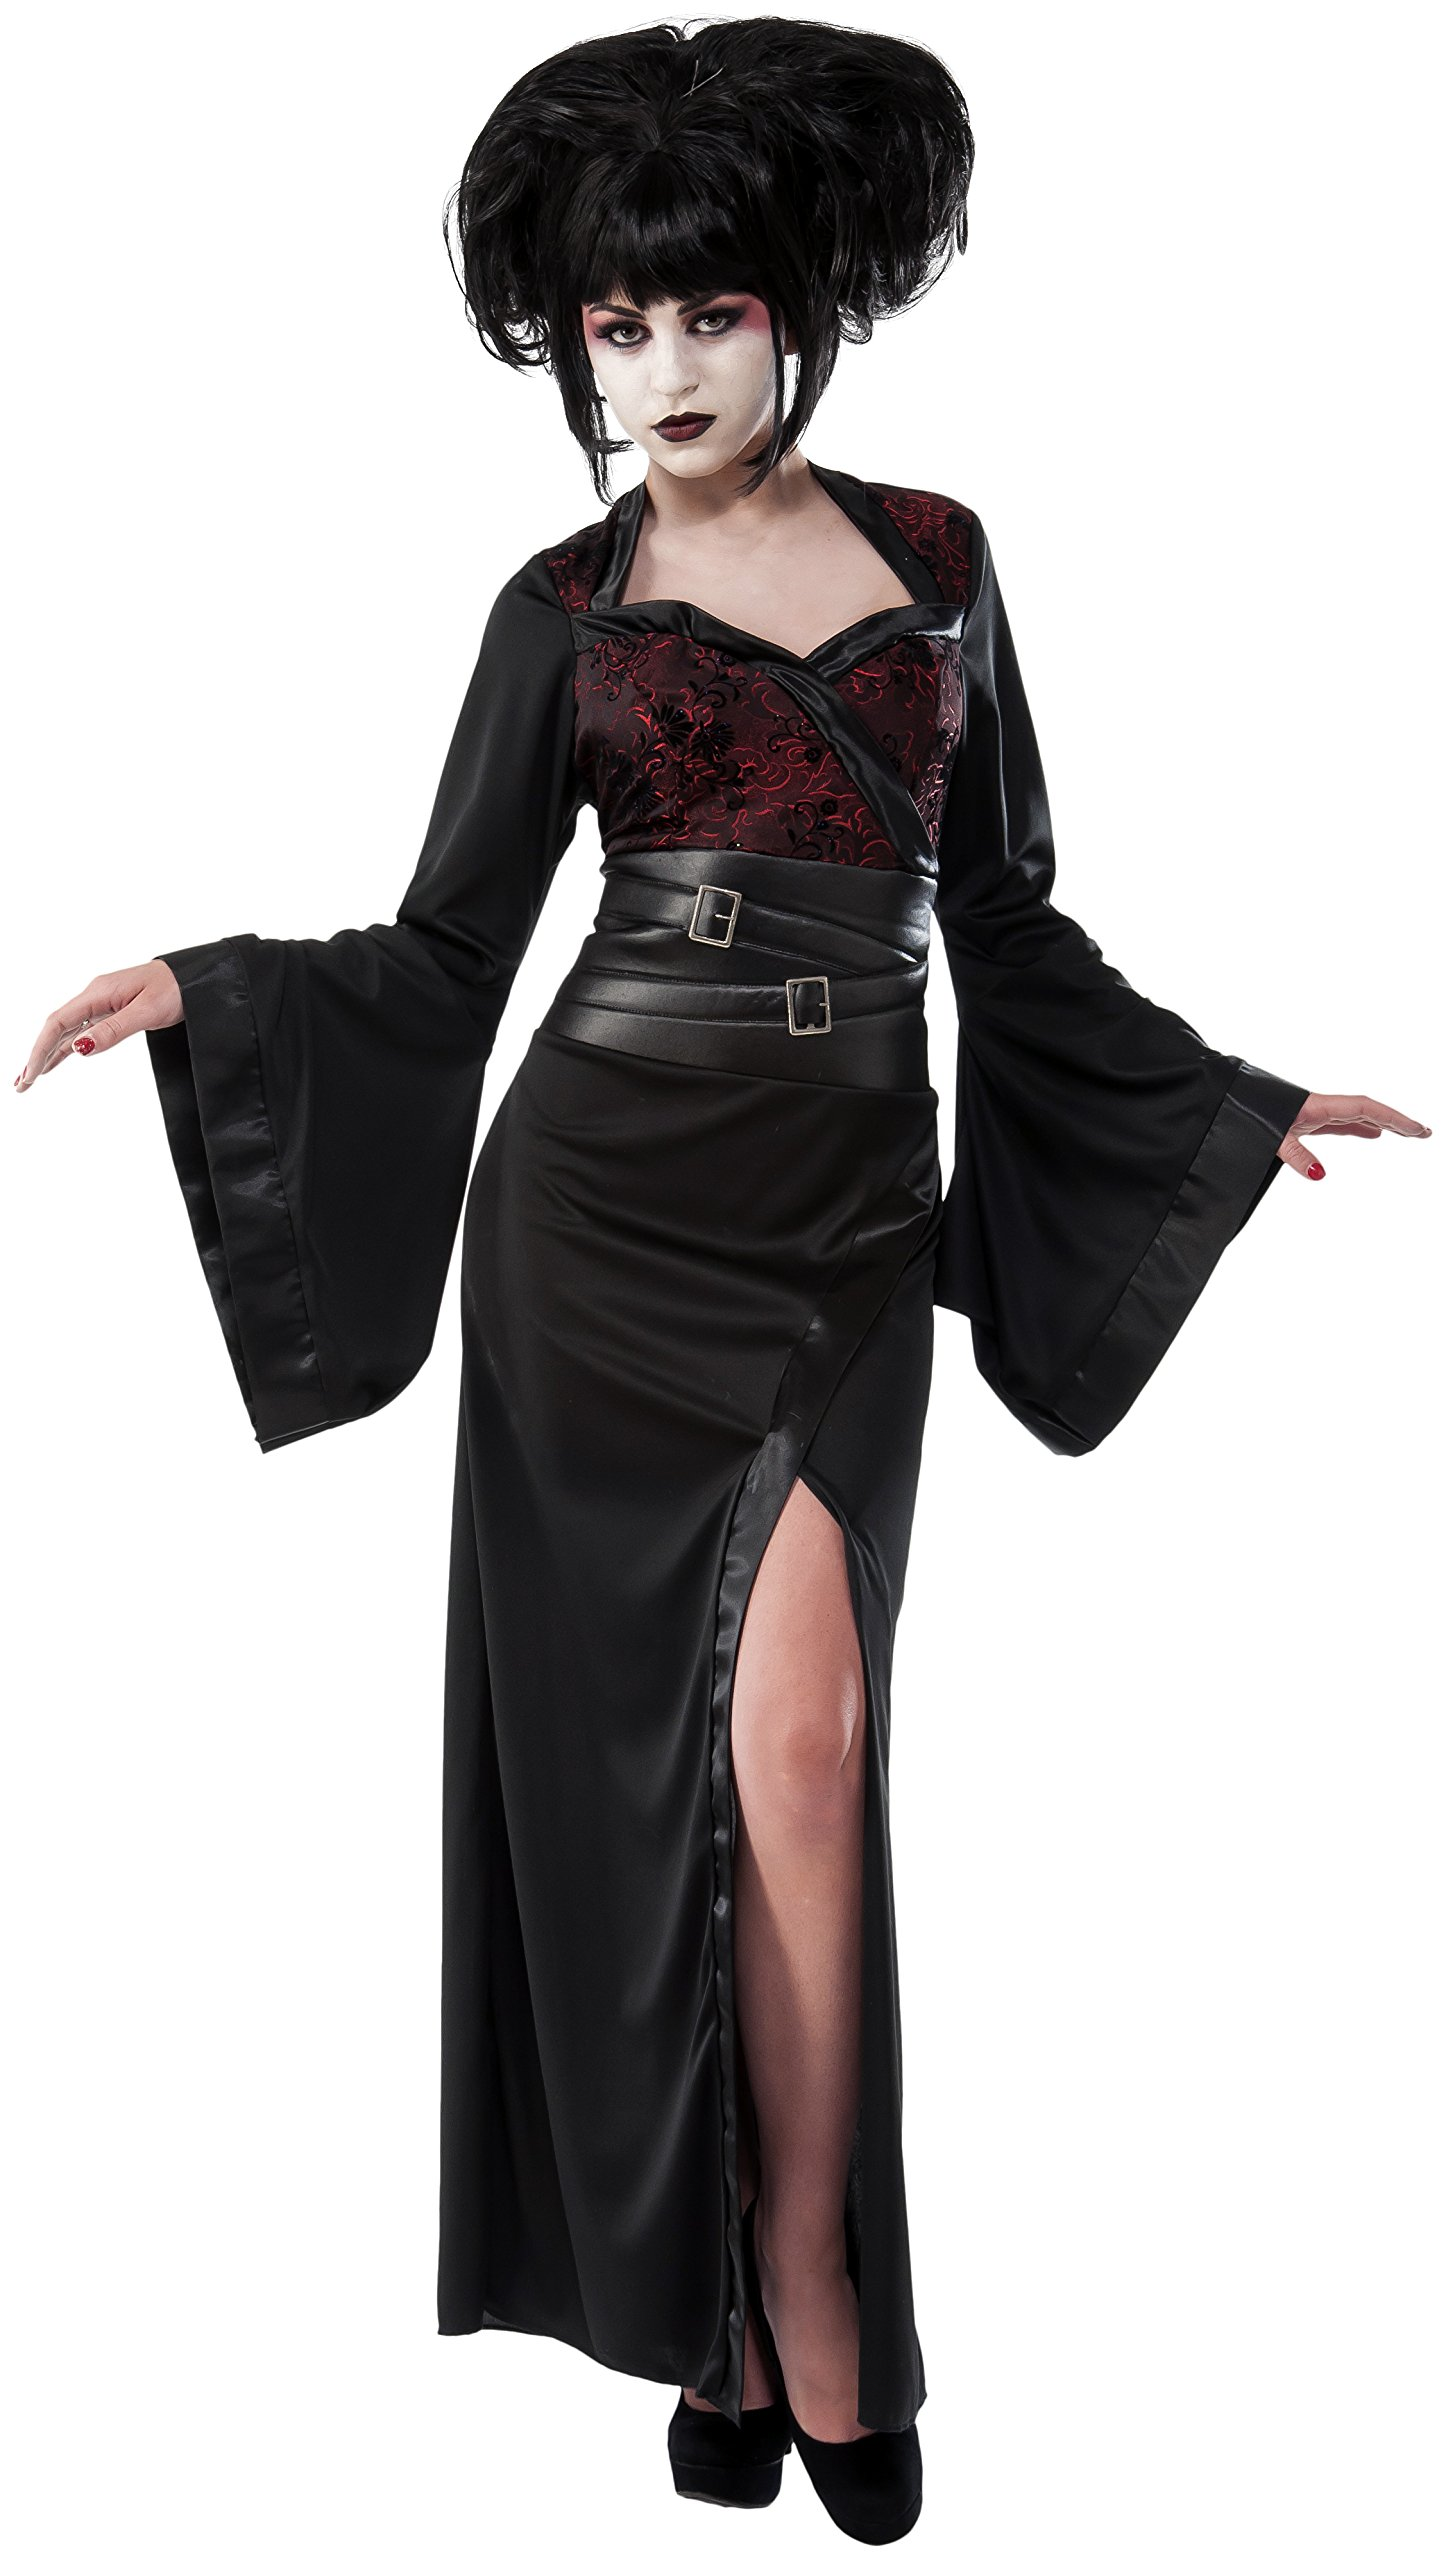 Rubie's Women's Gothic Geisha Costume, Black/Red, Standard